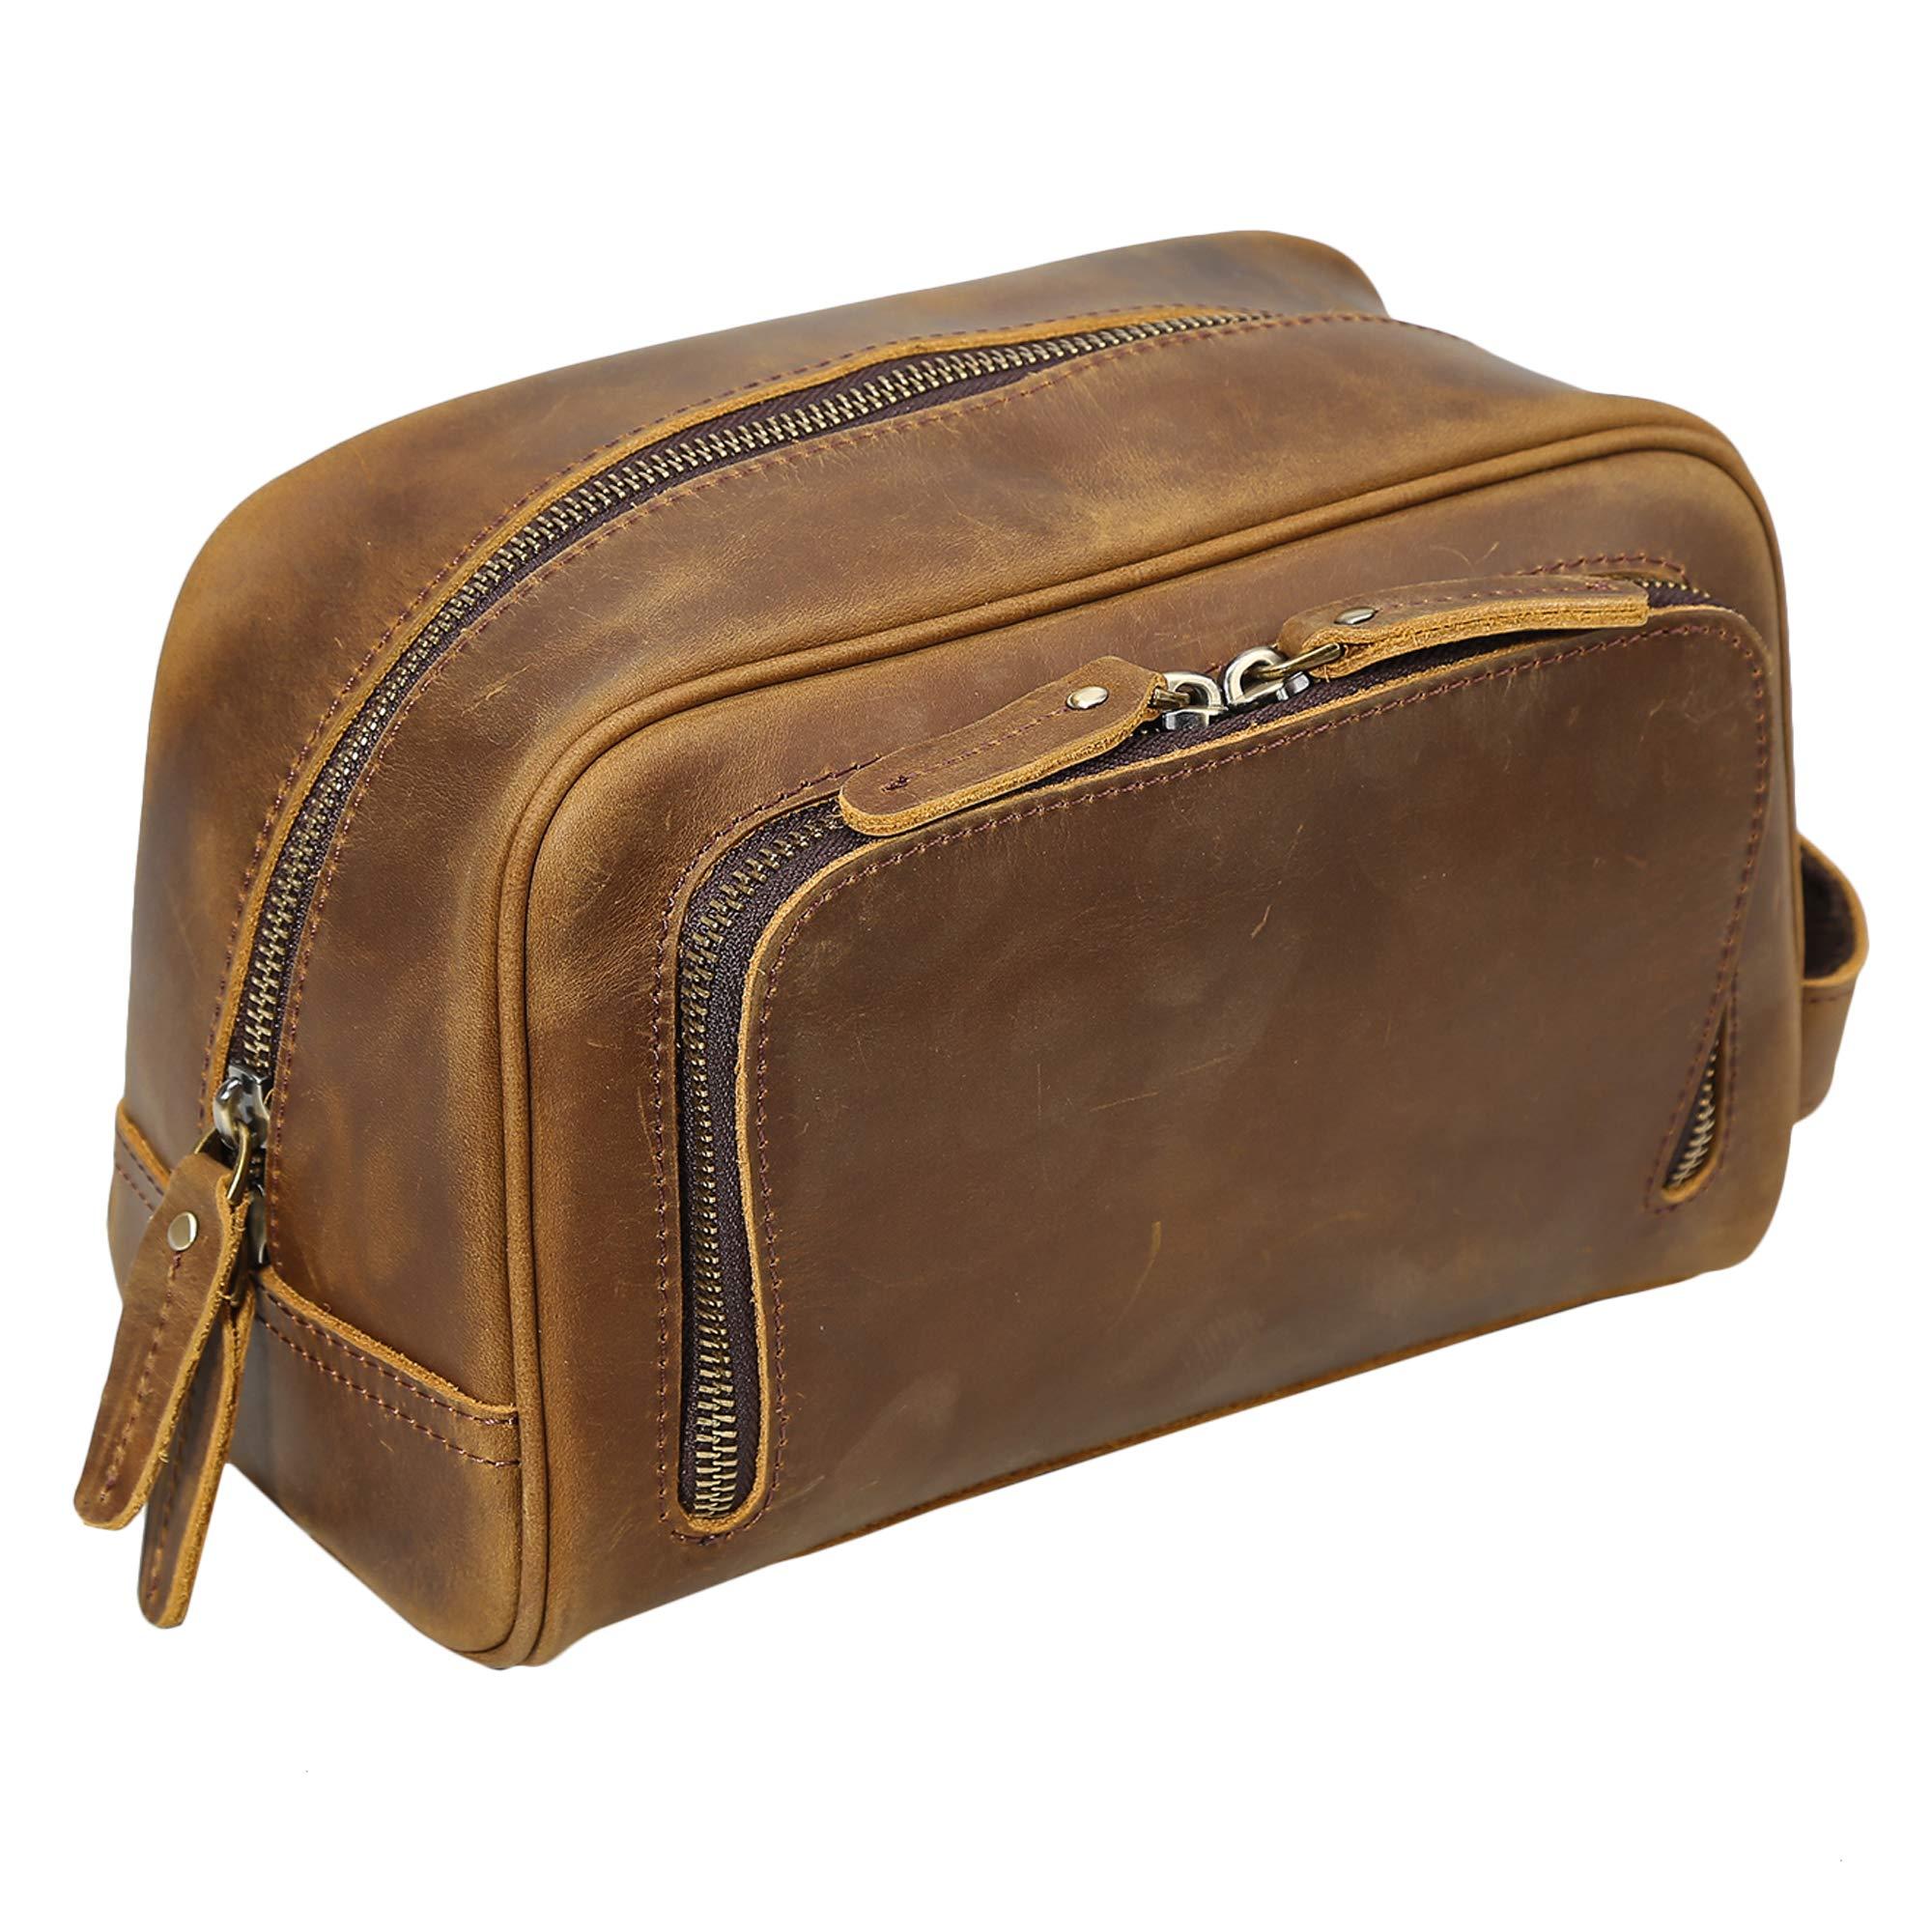 Polare Vintage Full Grain Leather Handmade Travel Toiletry Bag for Men - Dopp Kit - Shaving Kit